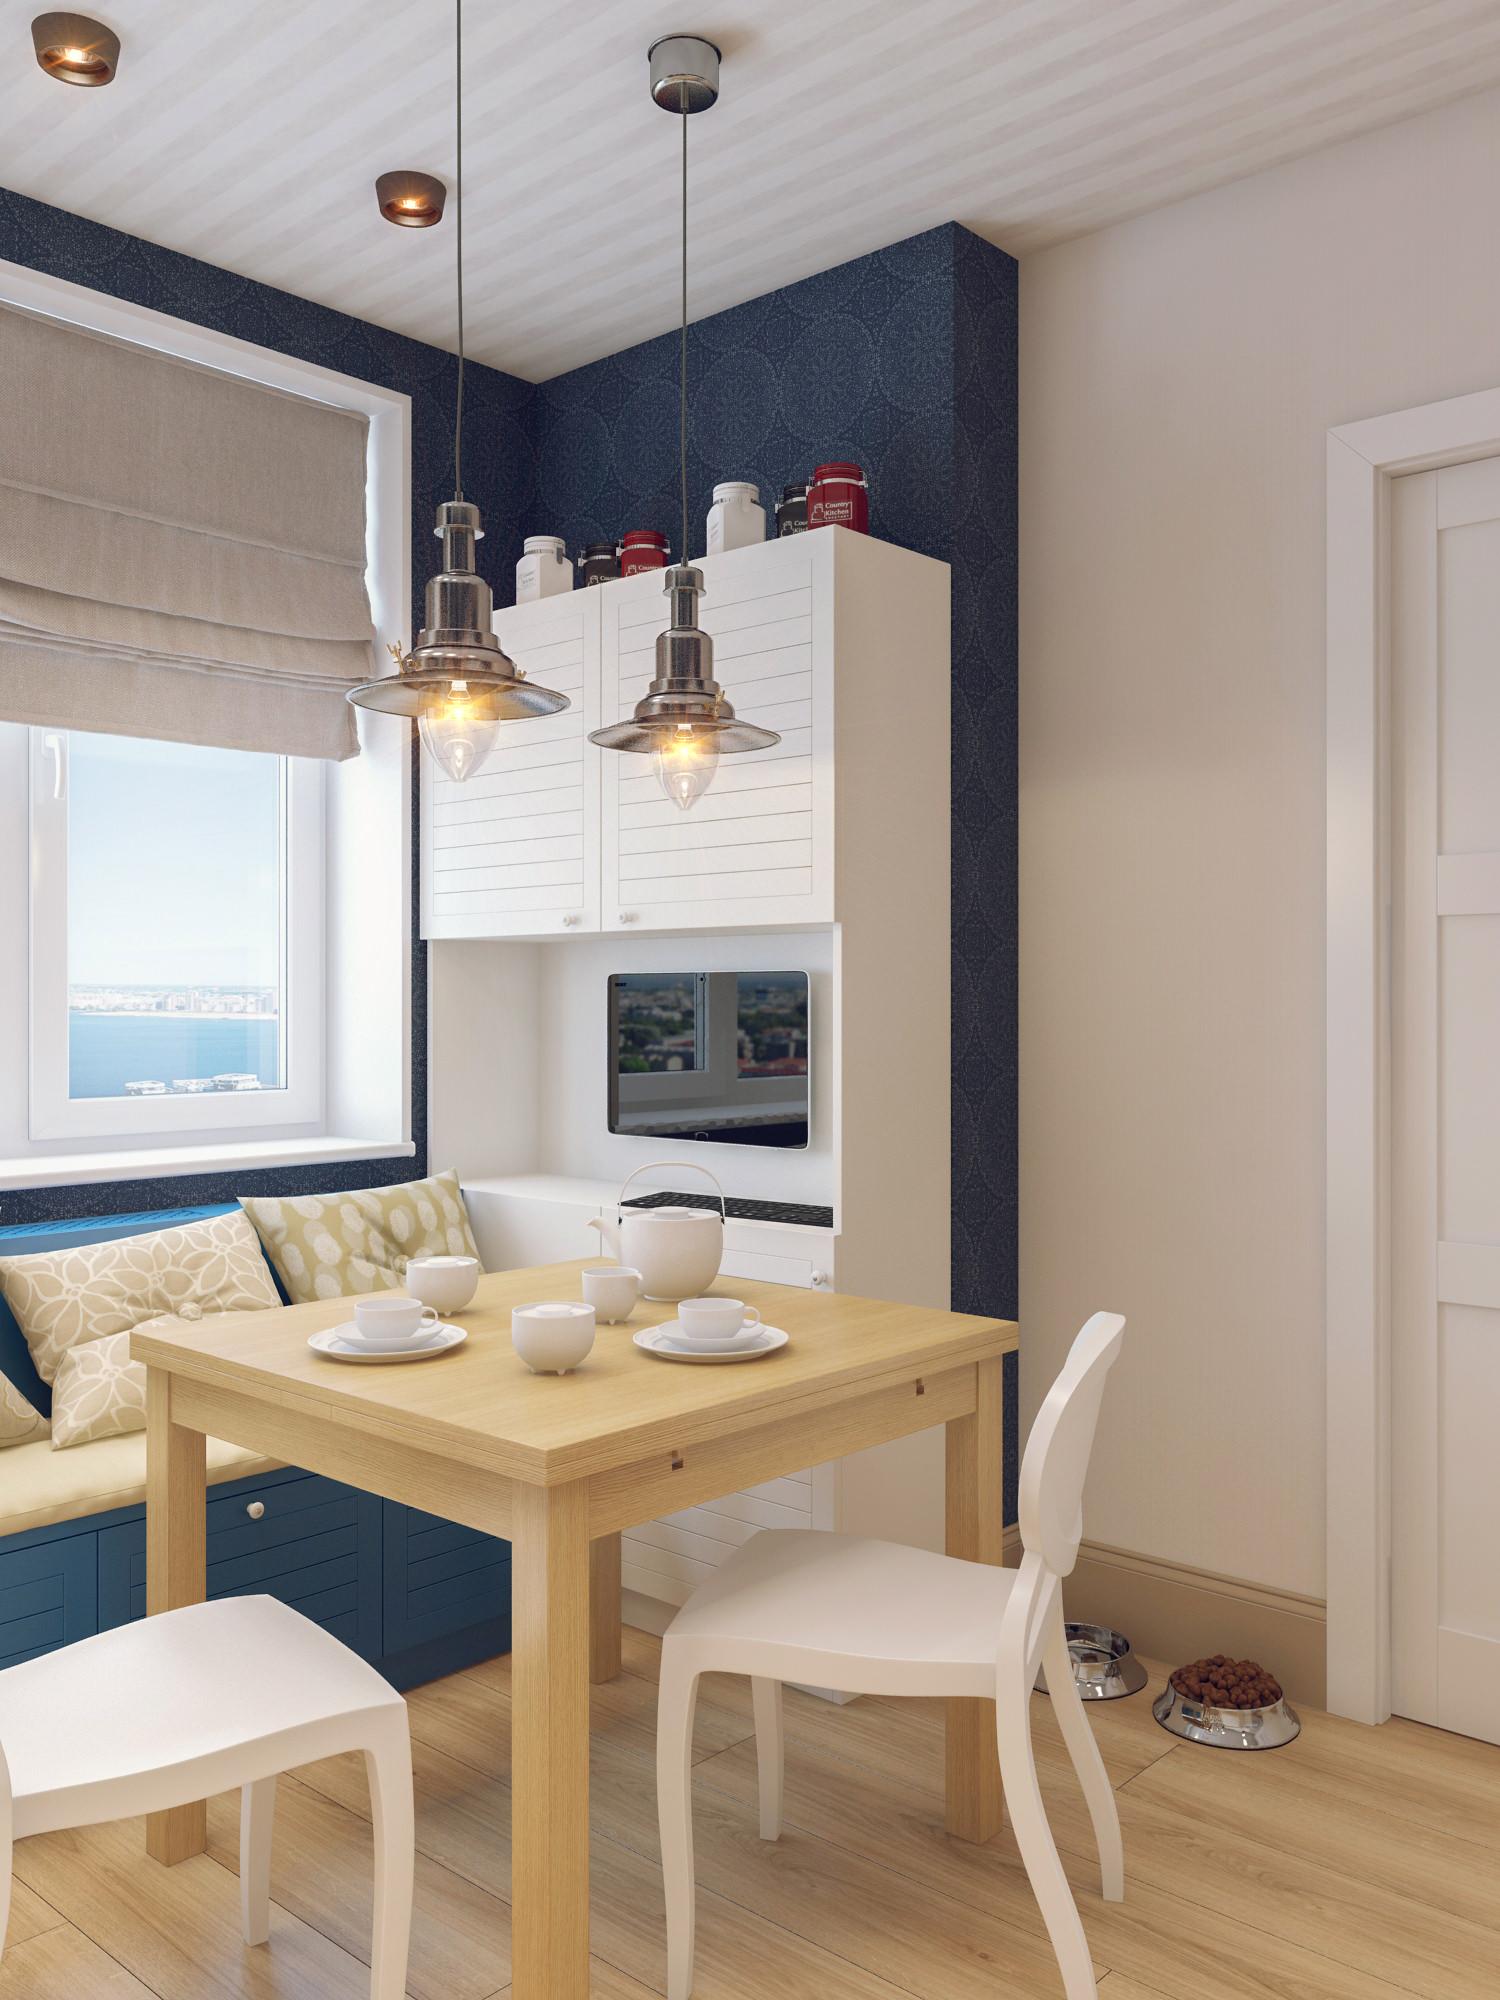 Синий, бежевый и белый цвета в дизайне кухни 10 кв м